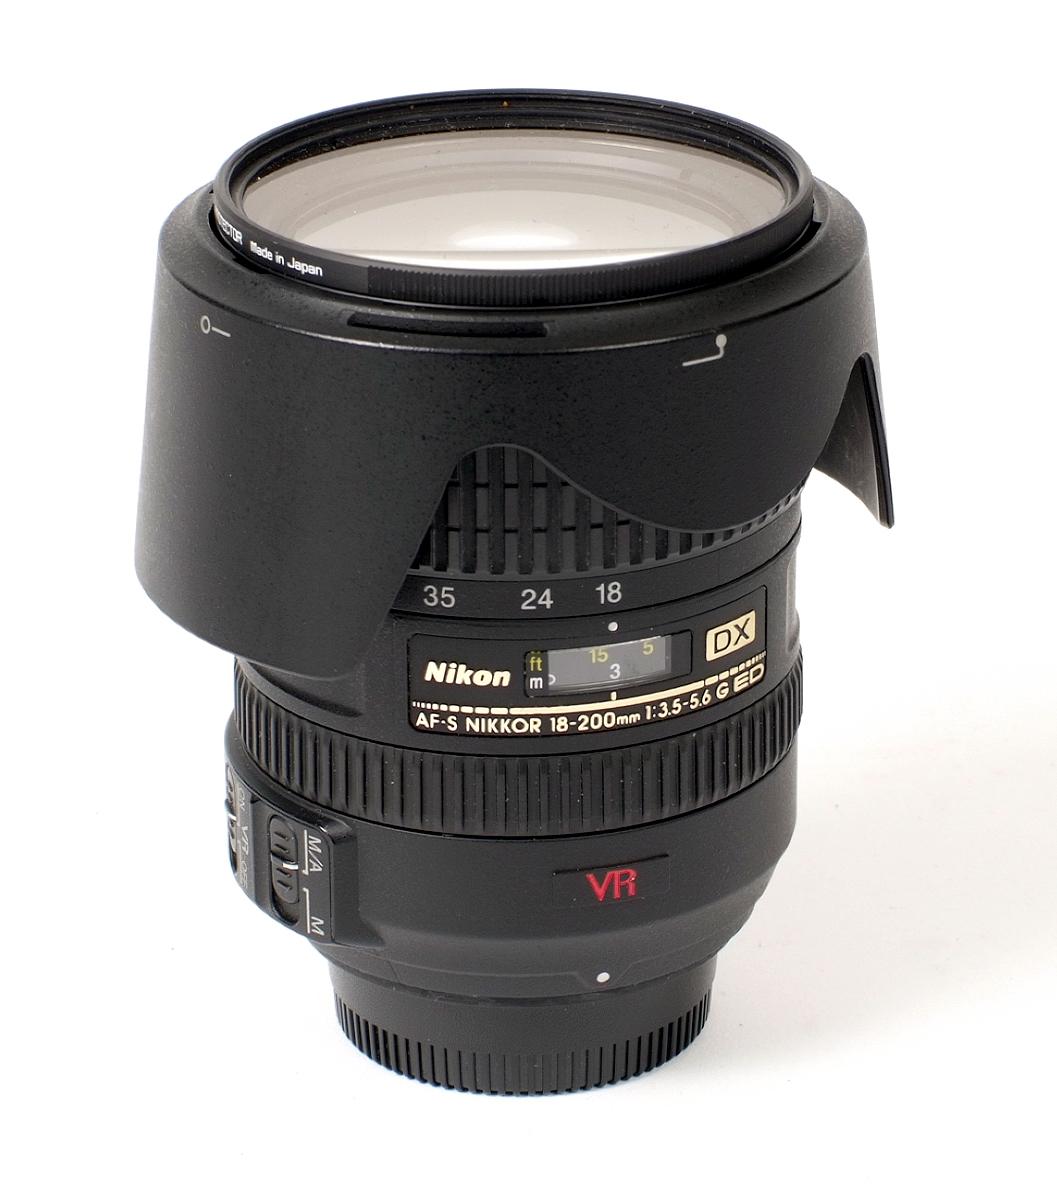 Lot 36 - AF-S Nikkor 18-200mm f3.5-5.6 G VR & Other Lenses.